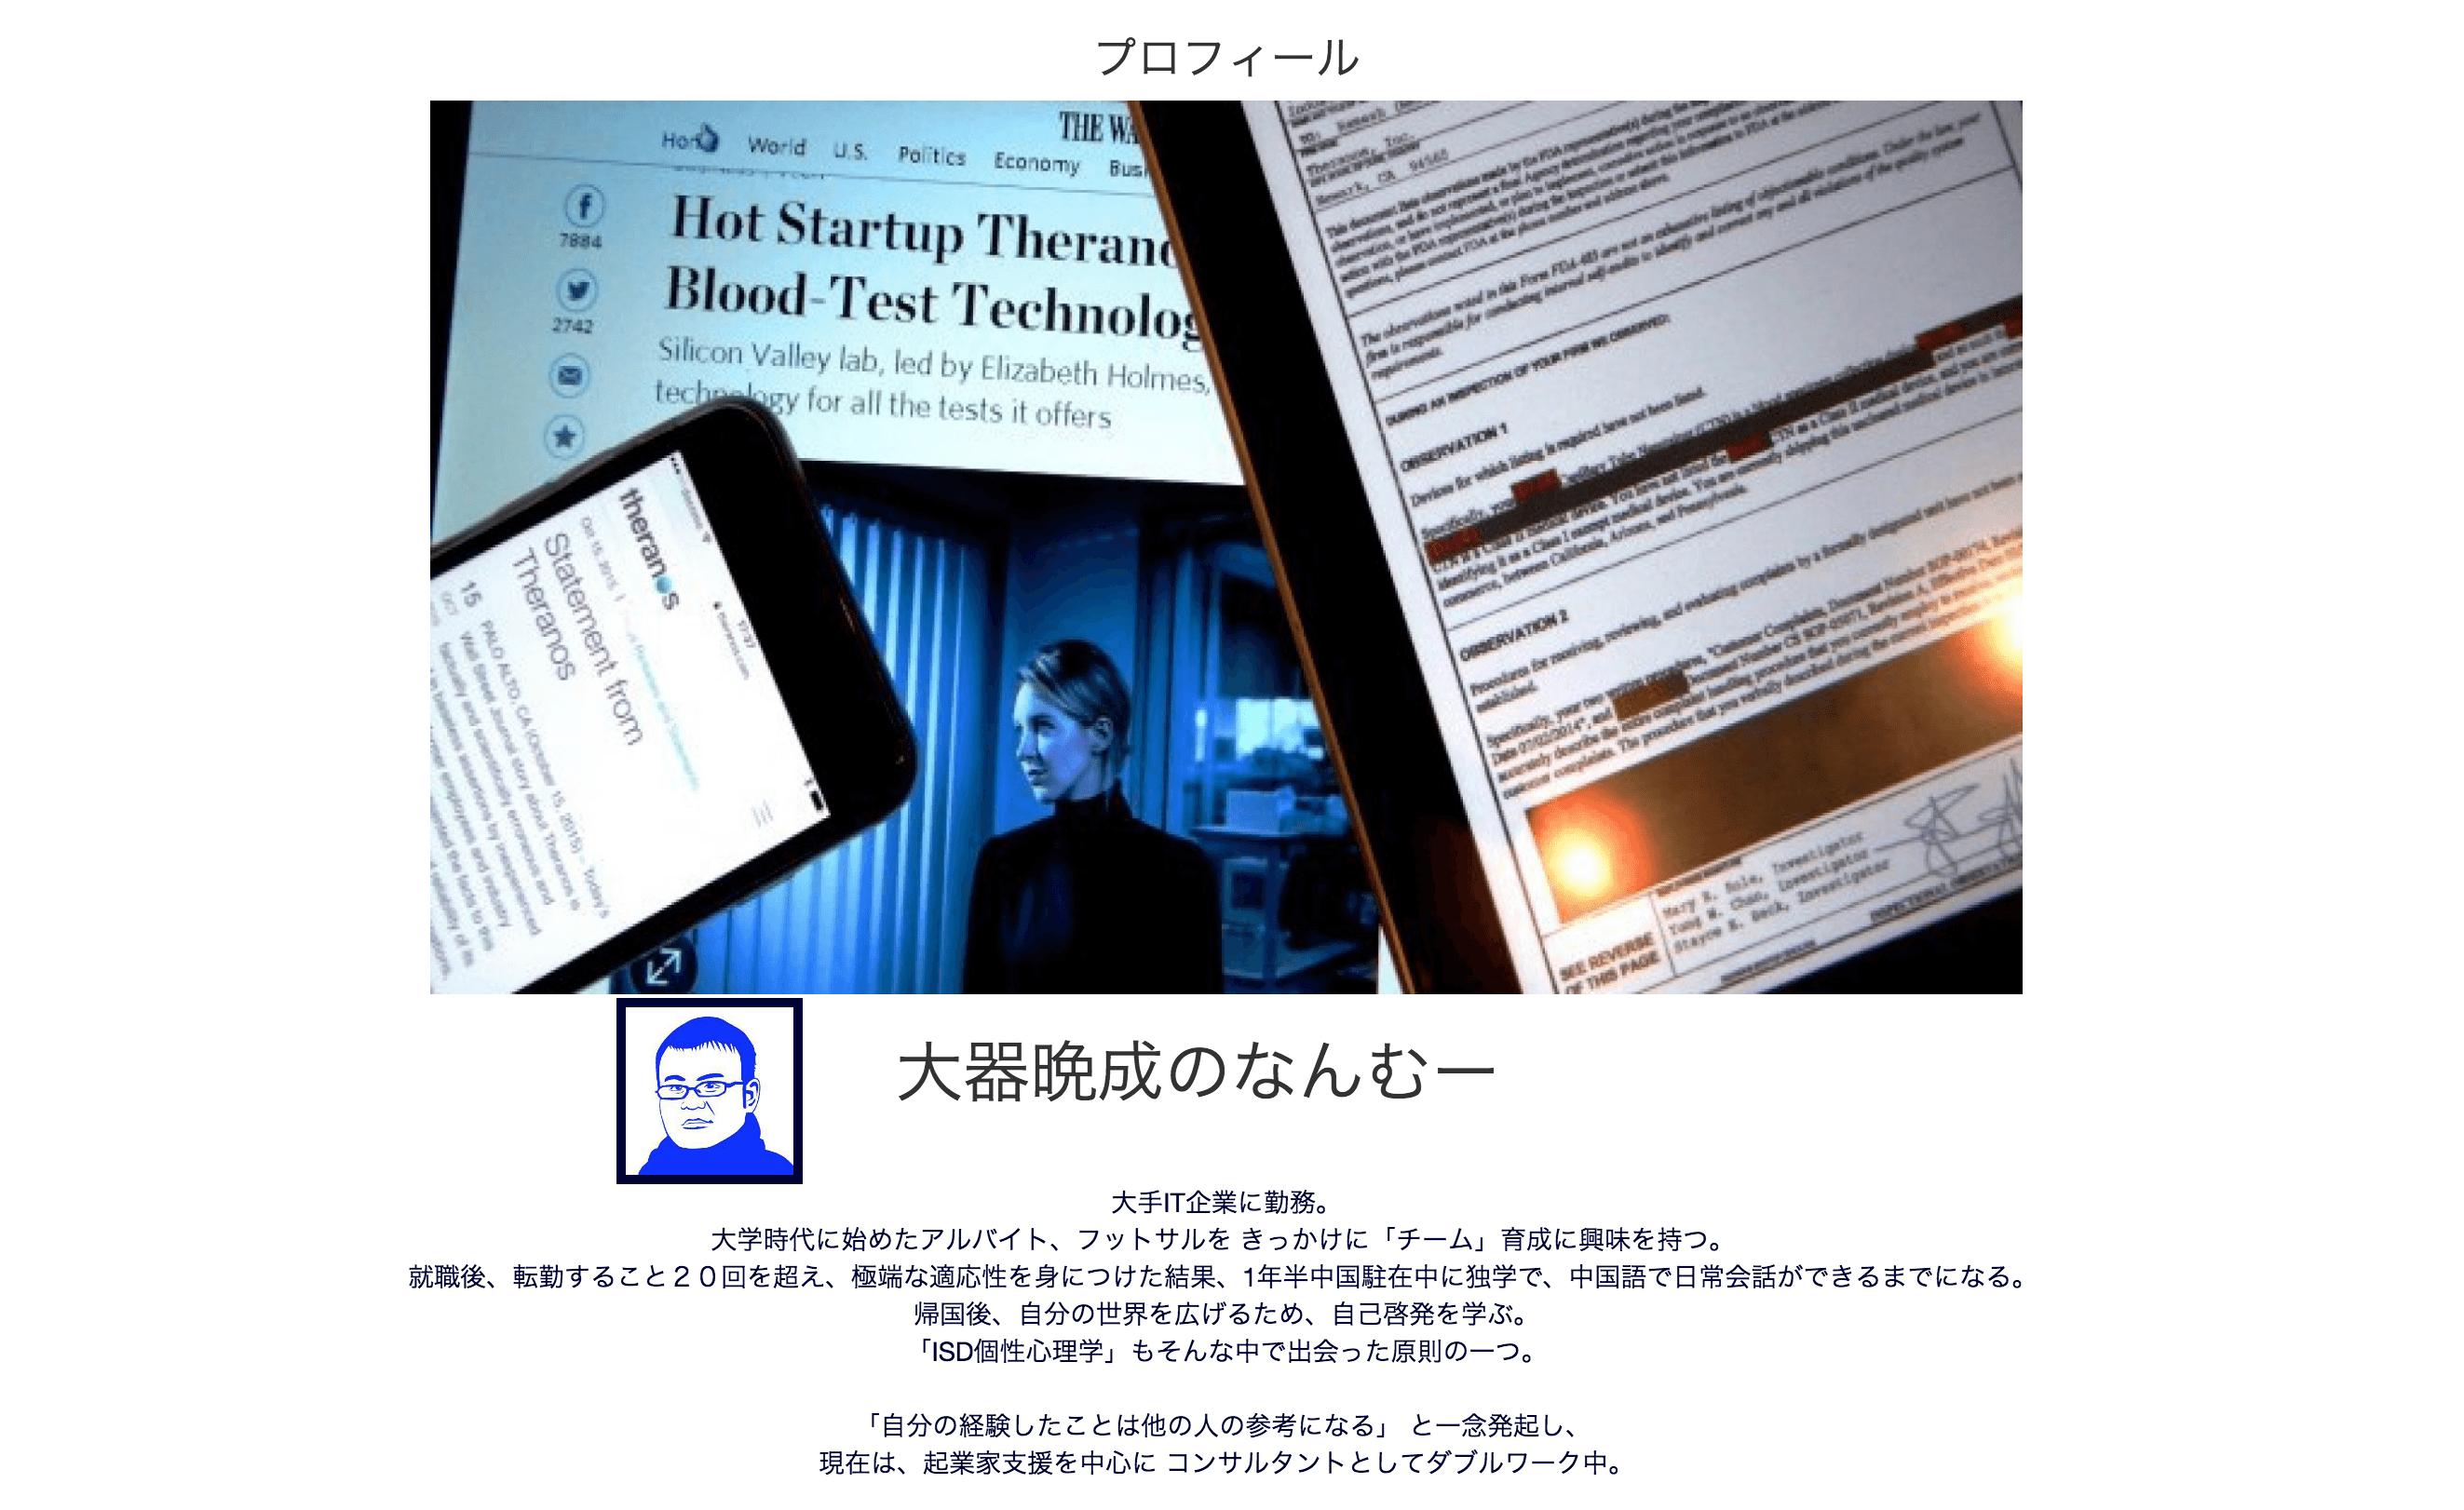 スクリーンショット 2016-06-06 16.58.45